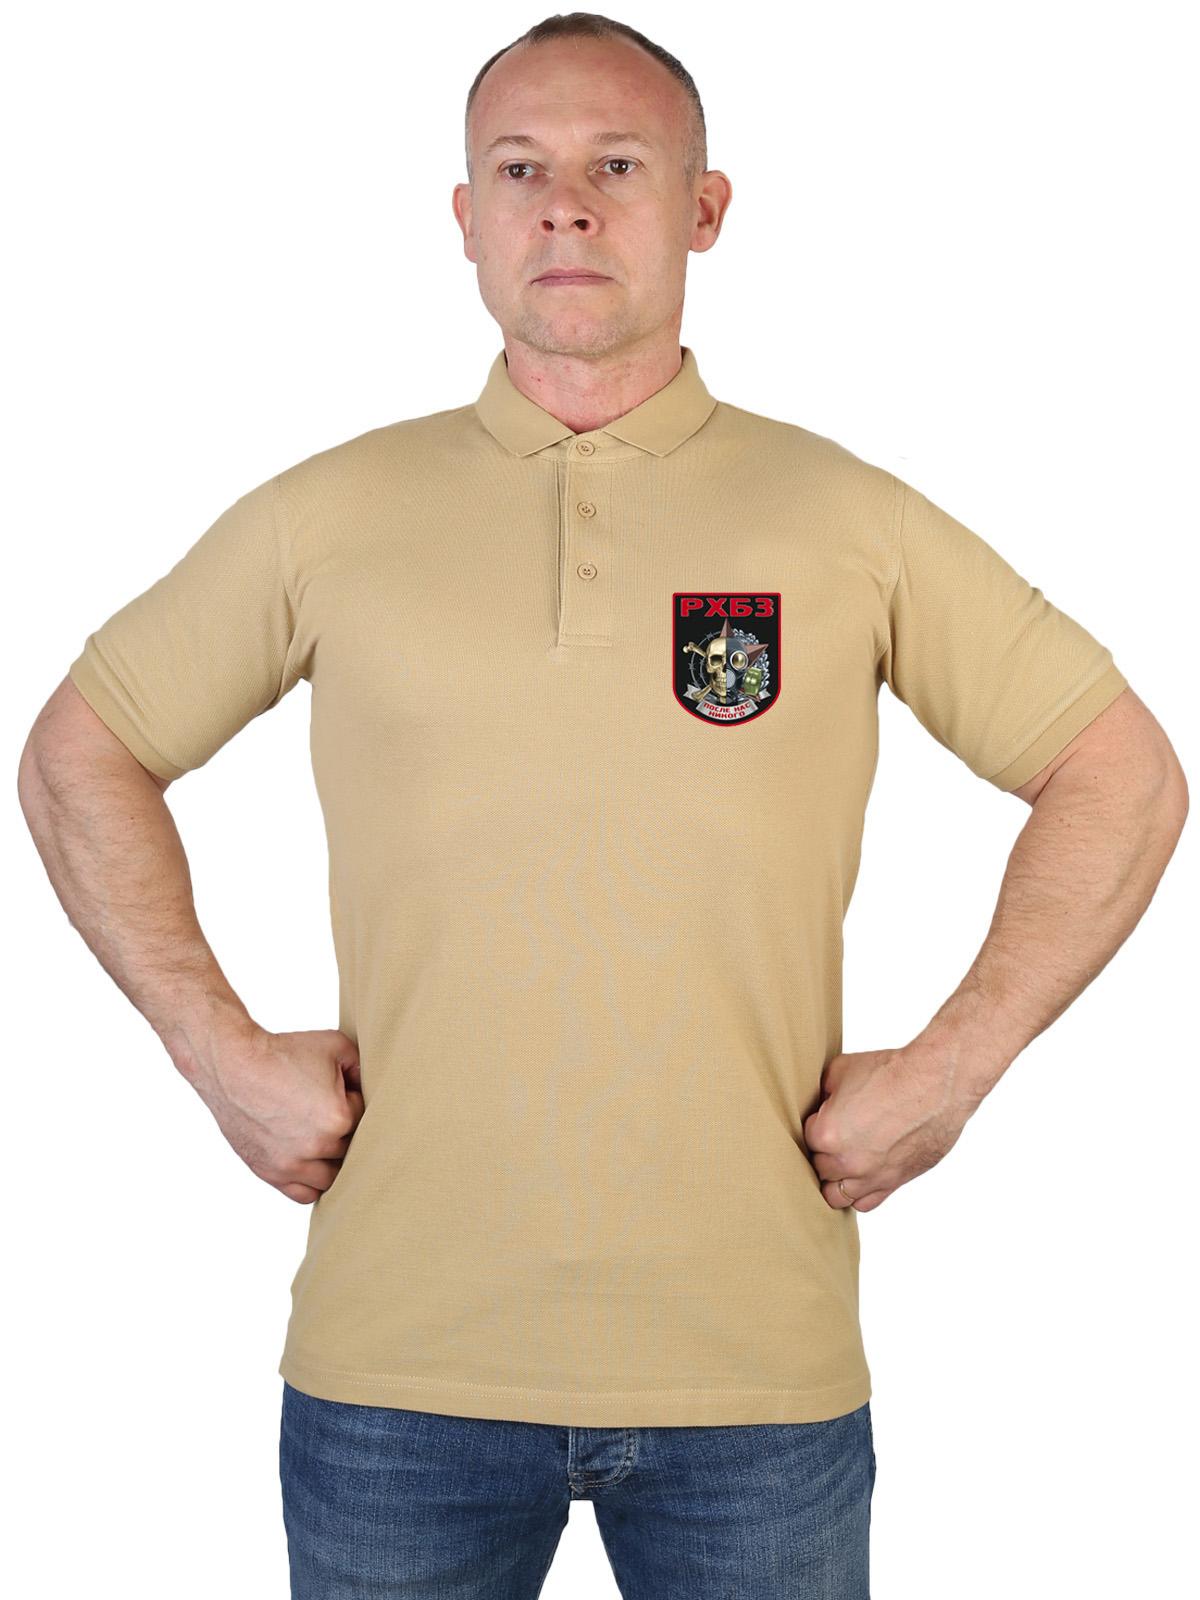 Купить строгую песочную футболку-поло с термотрасфером РХБЗ с доставкой